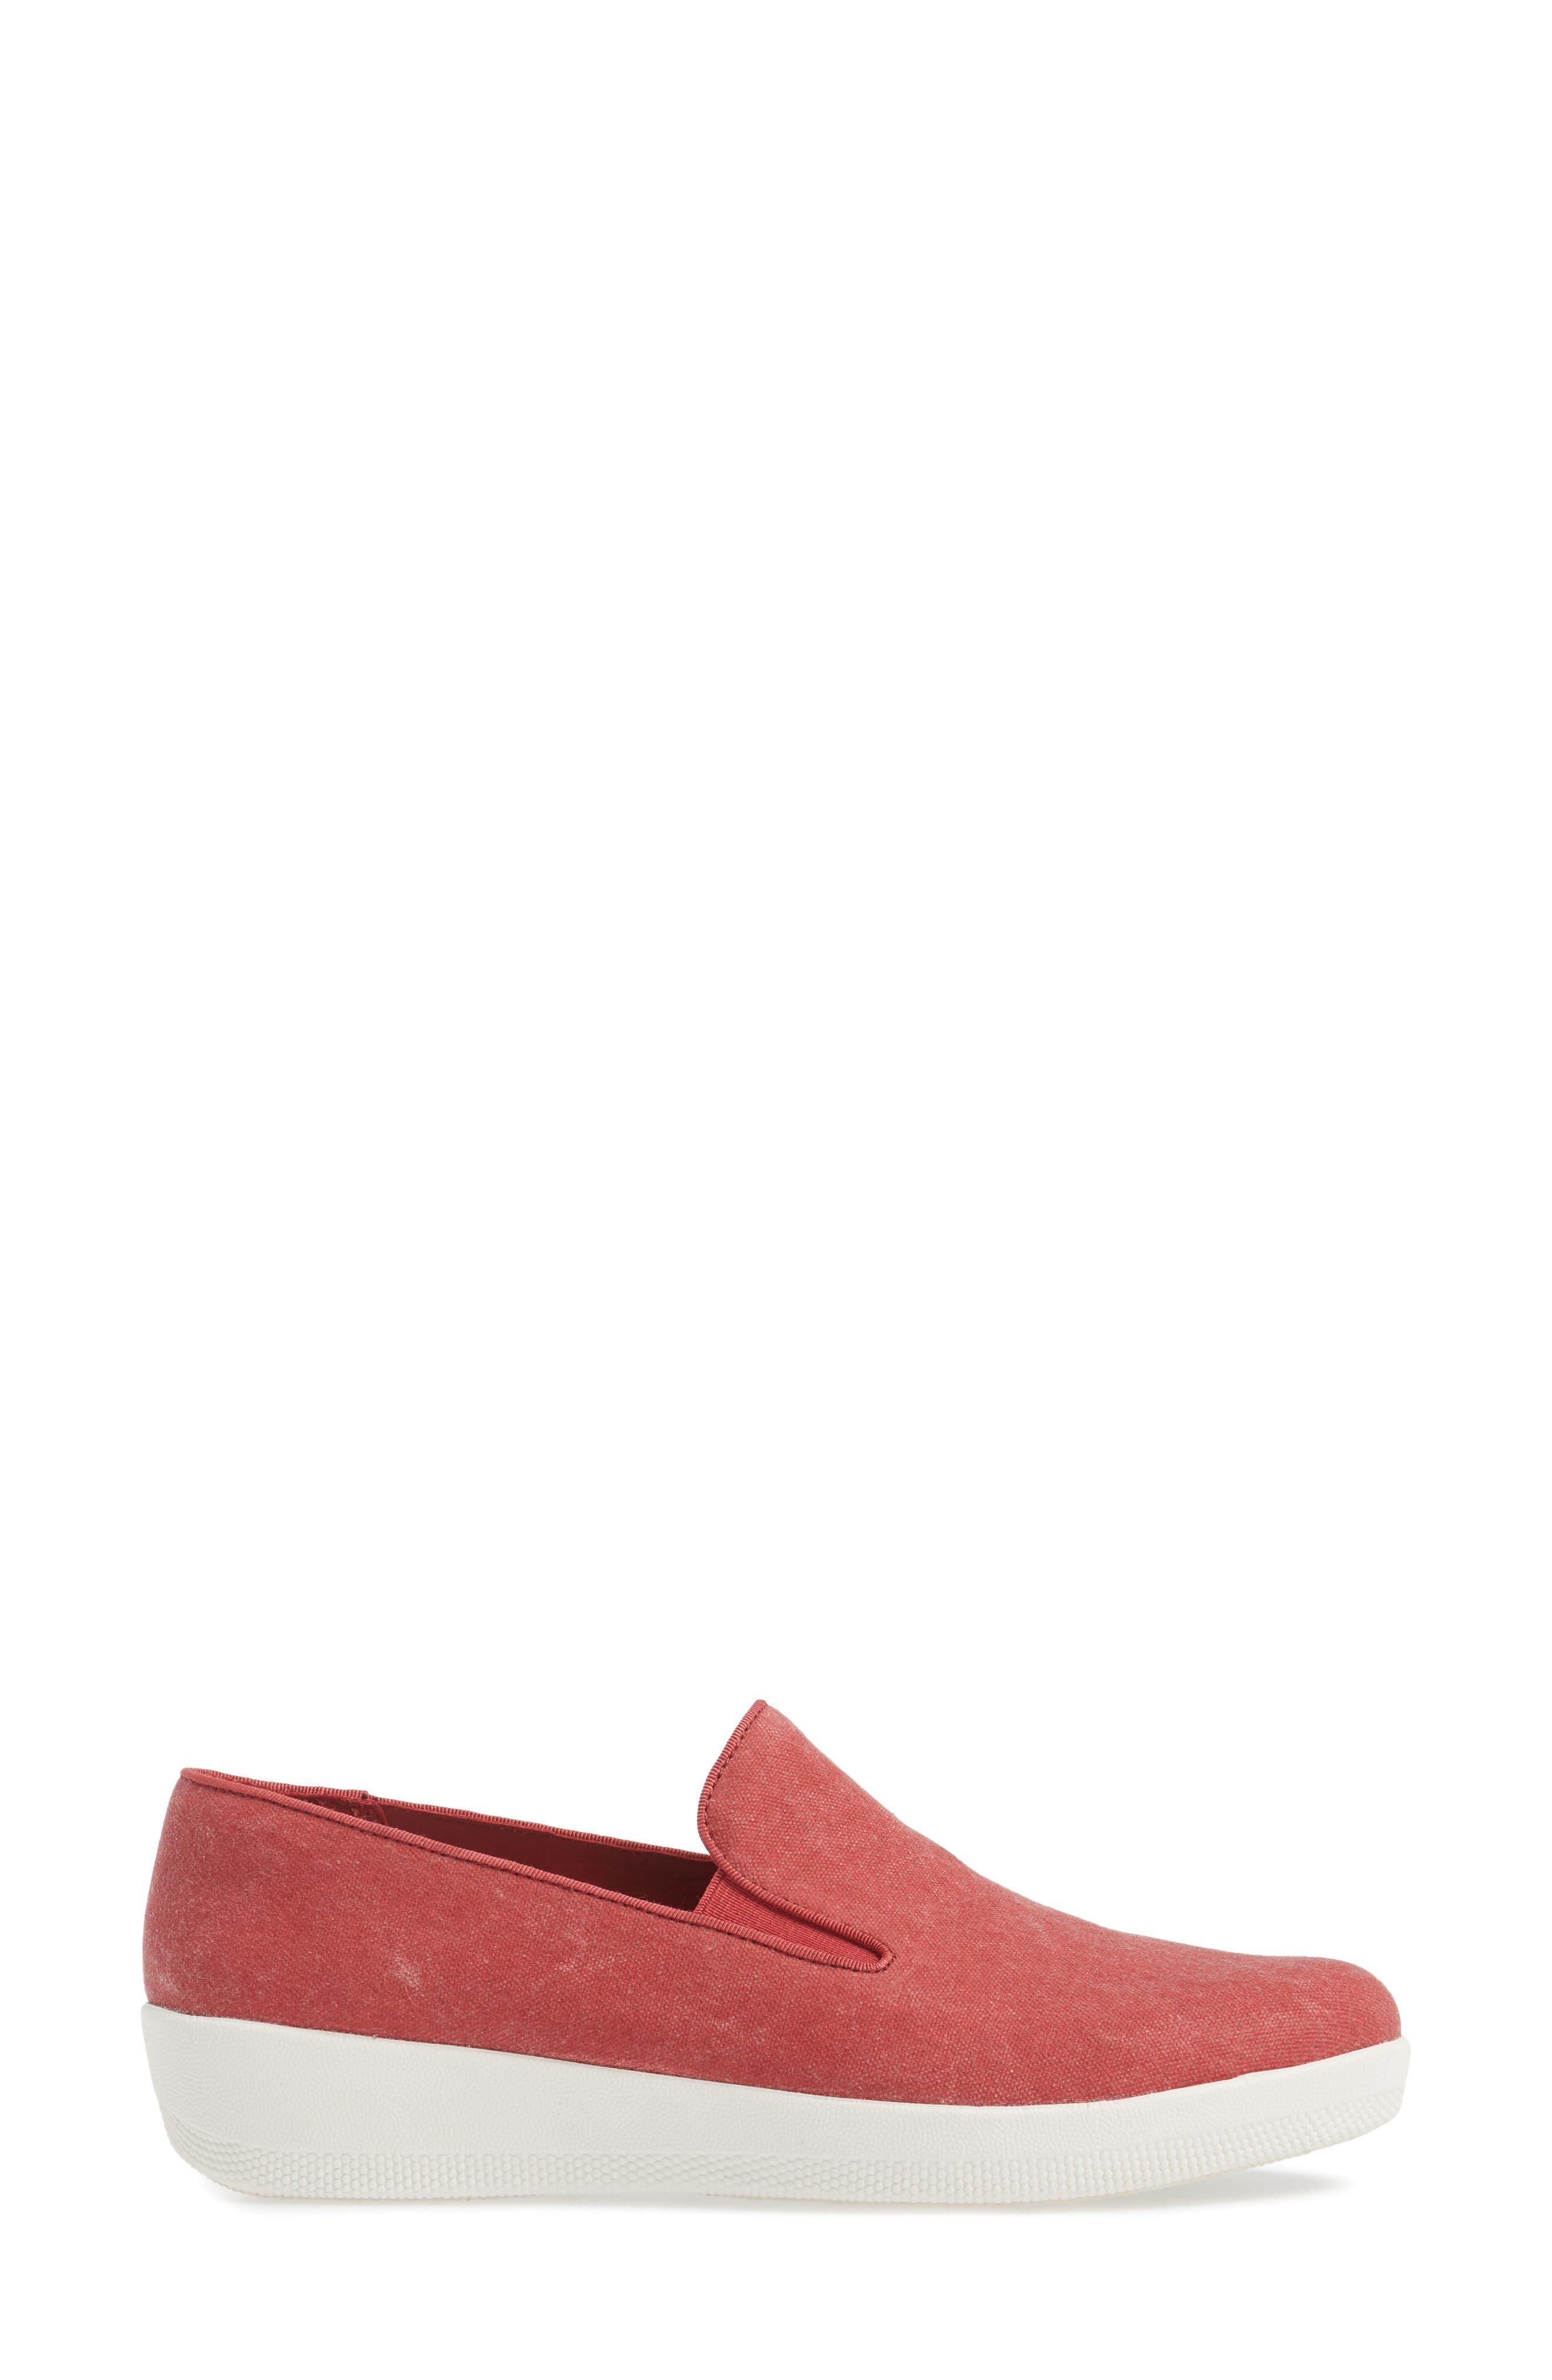 Superskate Slip-On Sneaker,                             Alternate thumbnail 59, color,